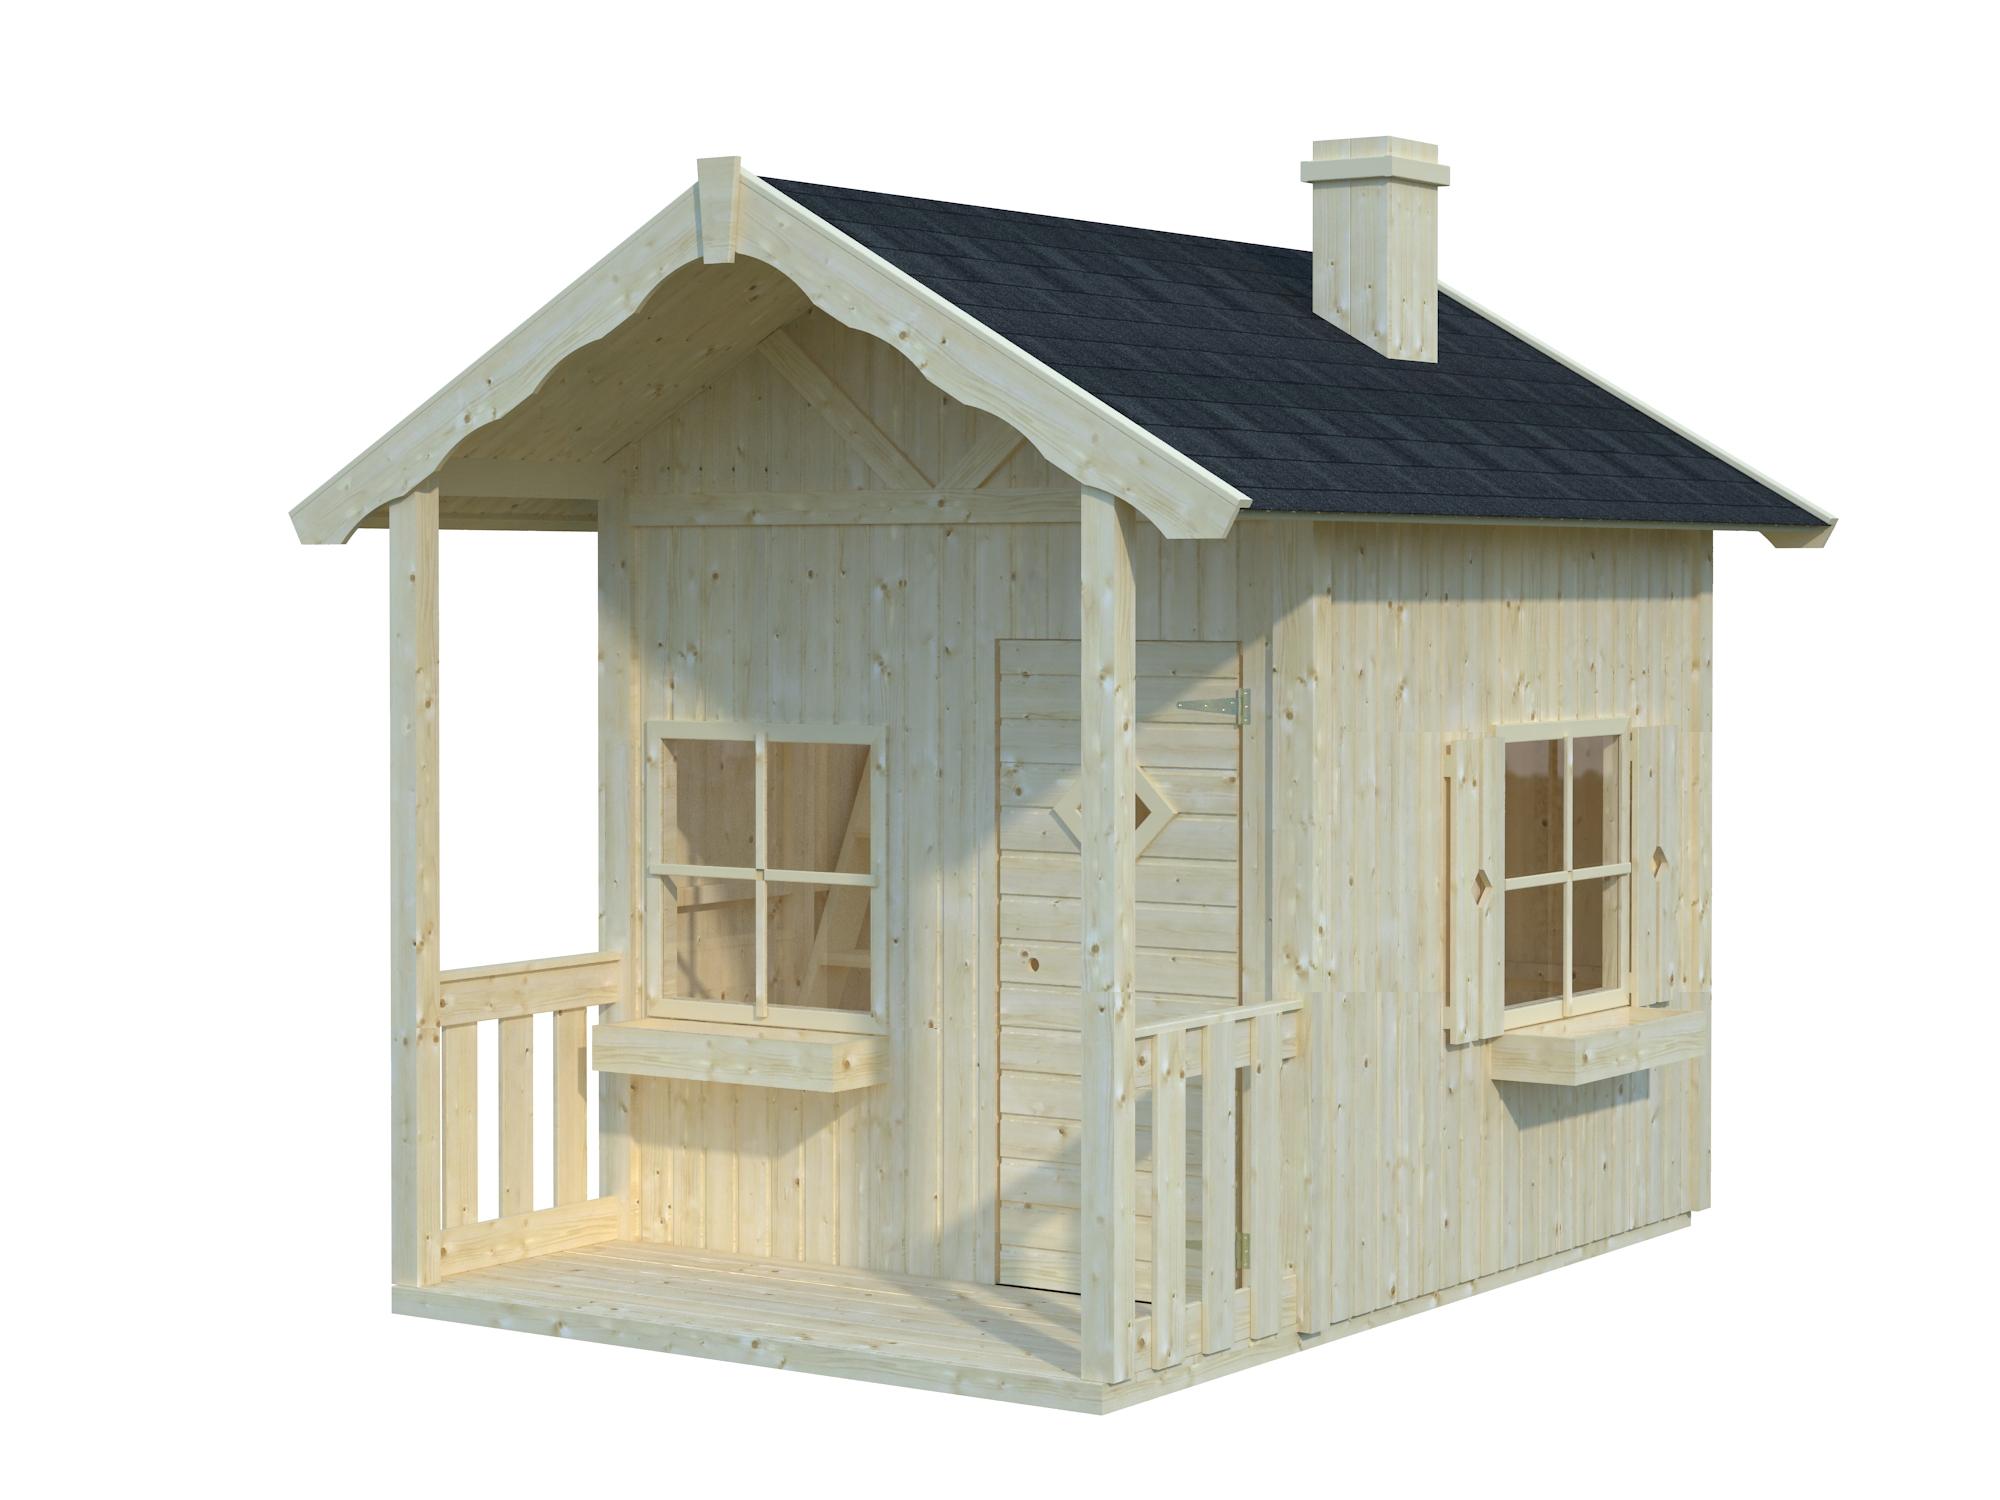 Legehus med hems og terrasse. Køb legehus i træ - trælegehuse og priser